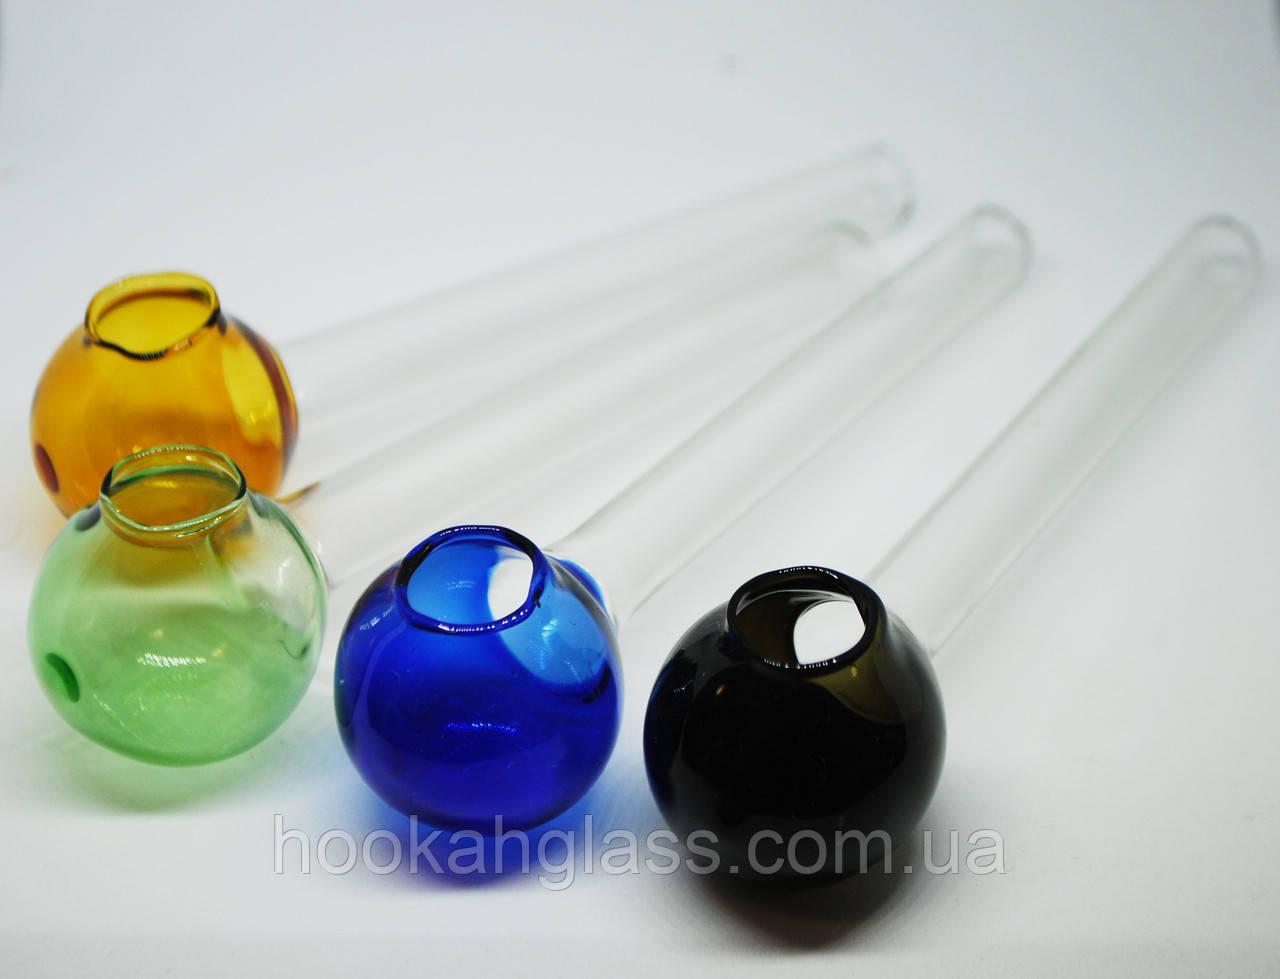 Стеклянная трубка для курения Oil Color